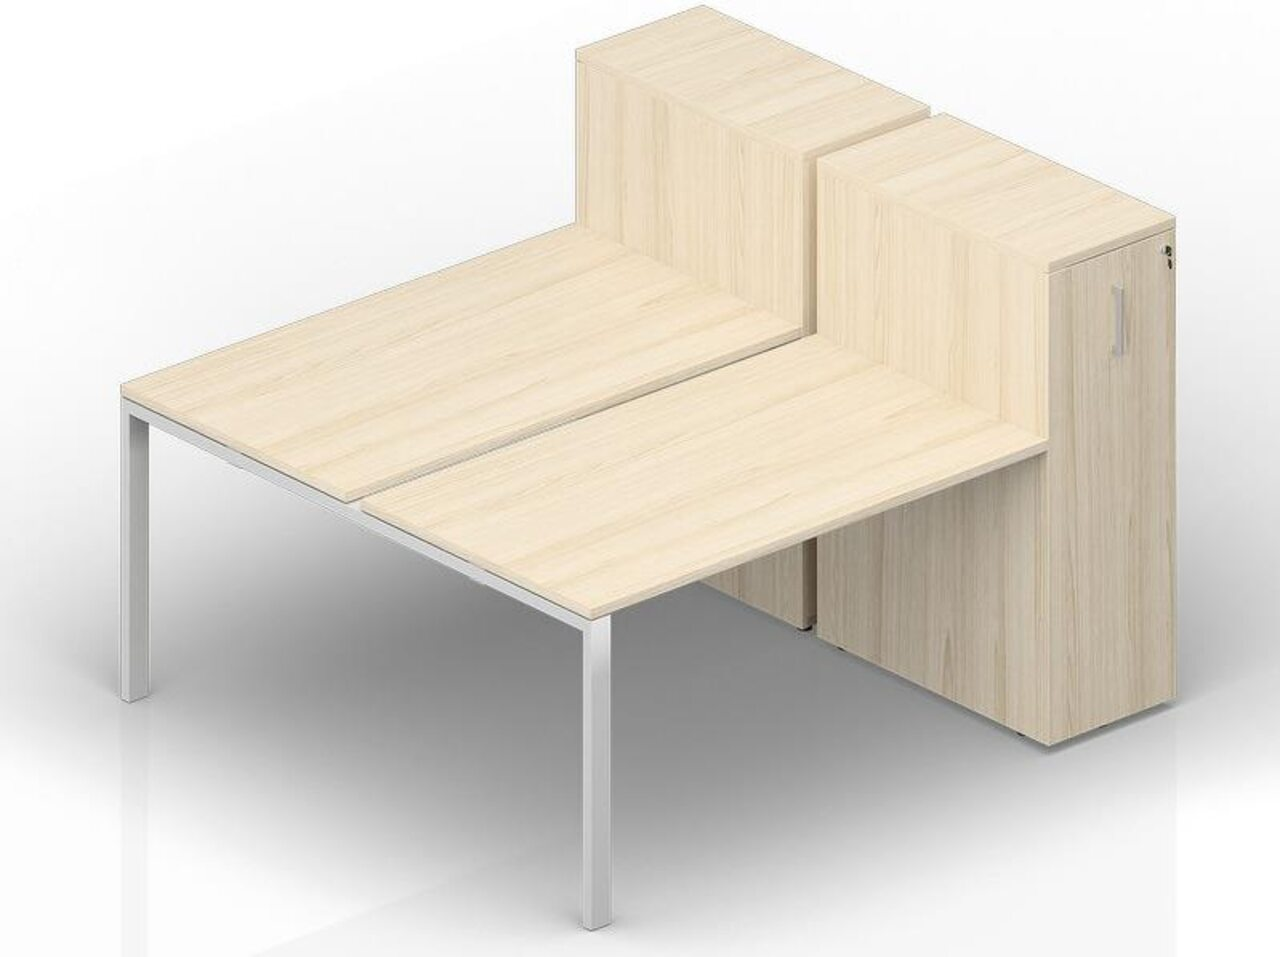 Составной стол на 2 рабочих места с приставными шкафами Tower  Strike 120x165x112 - фото 1